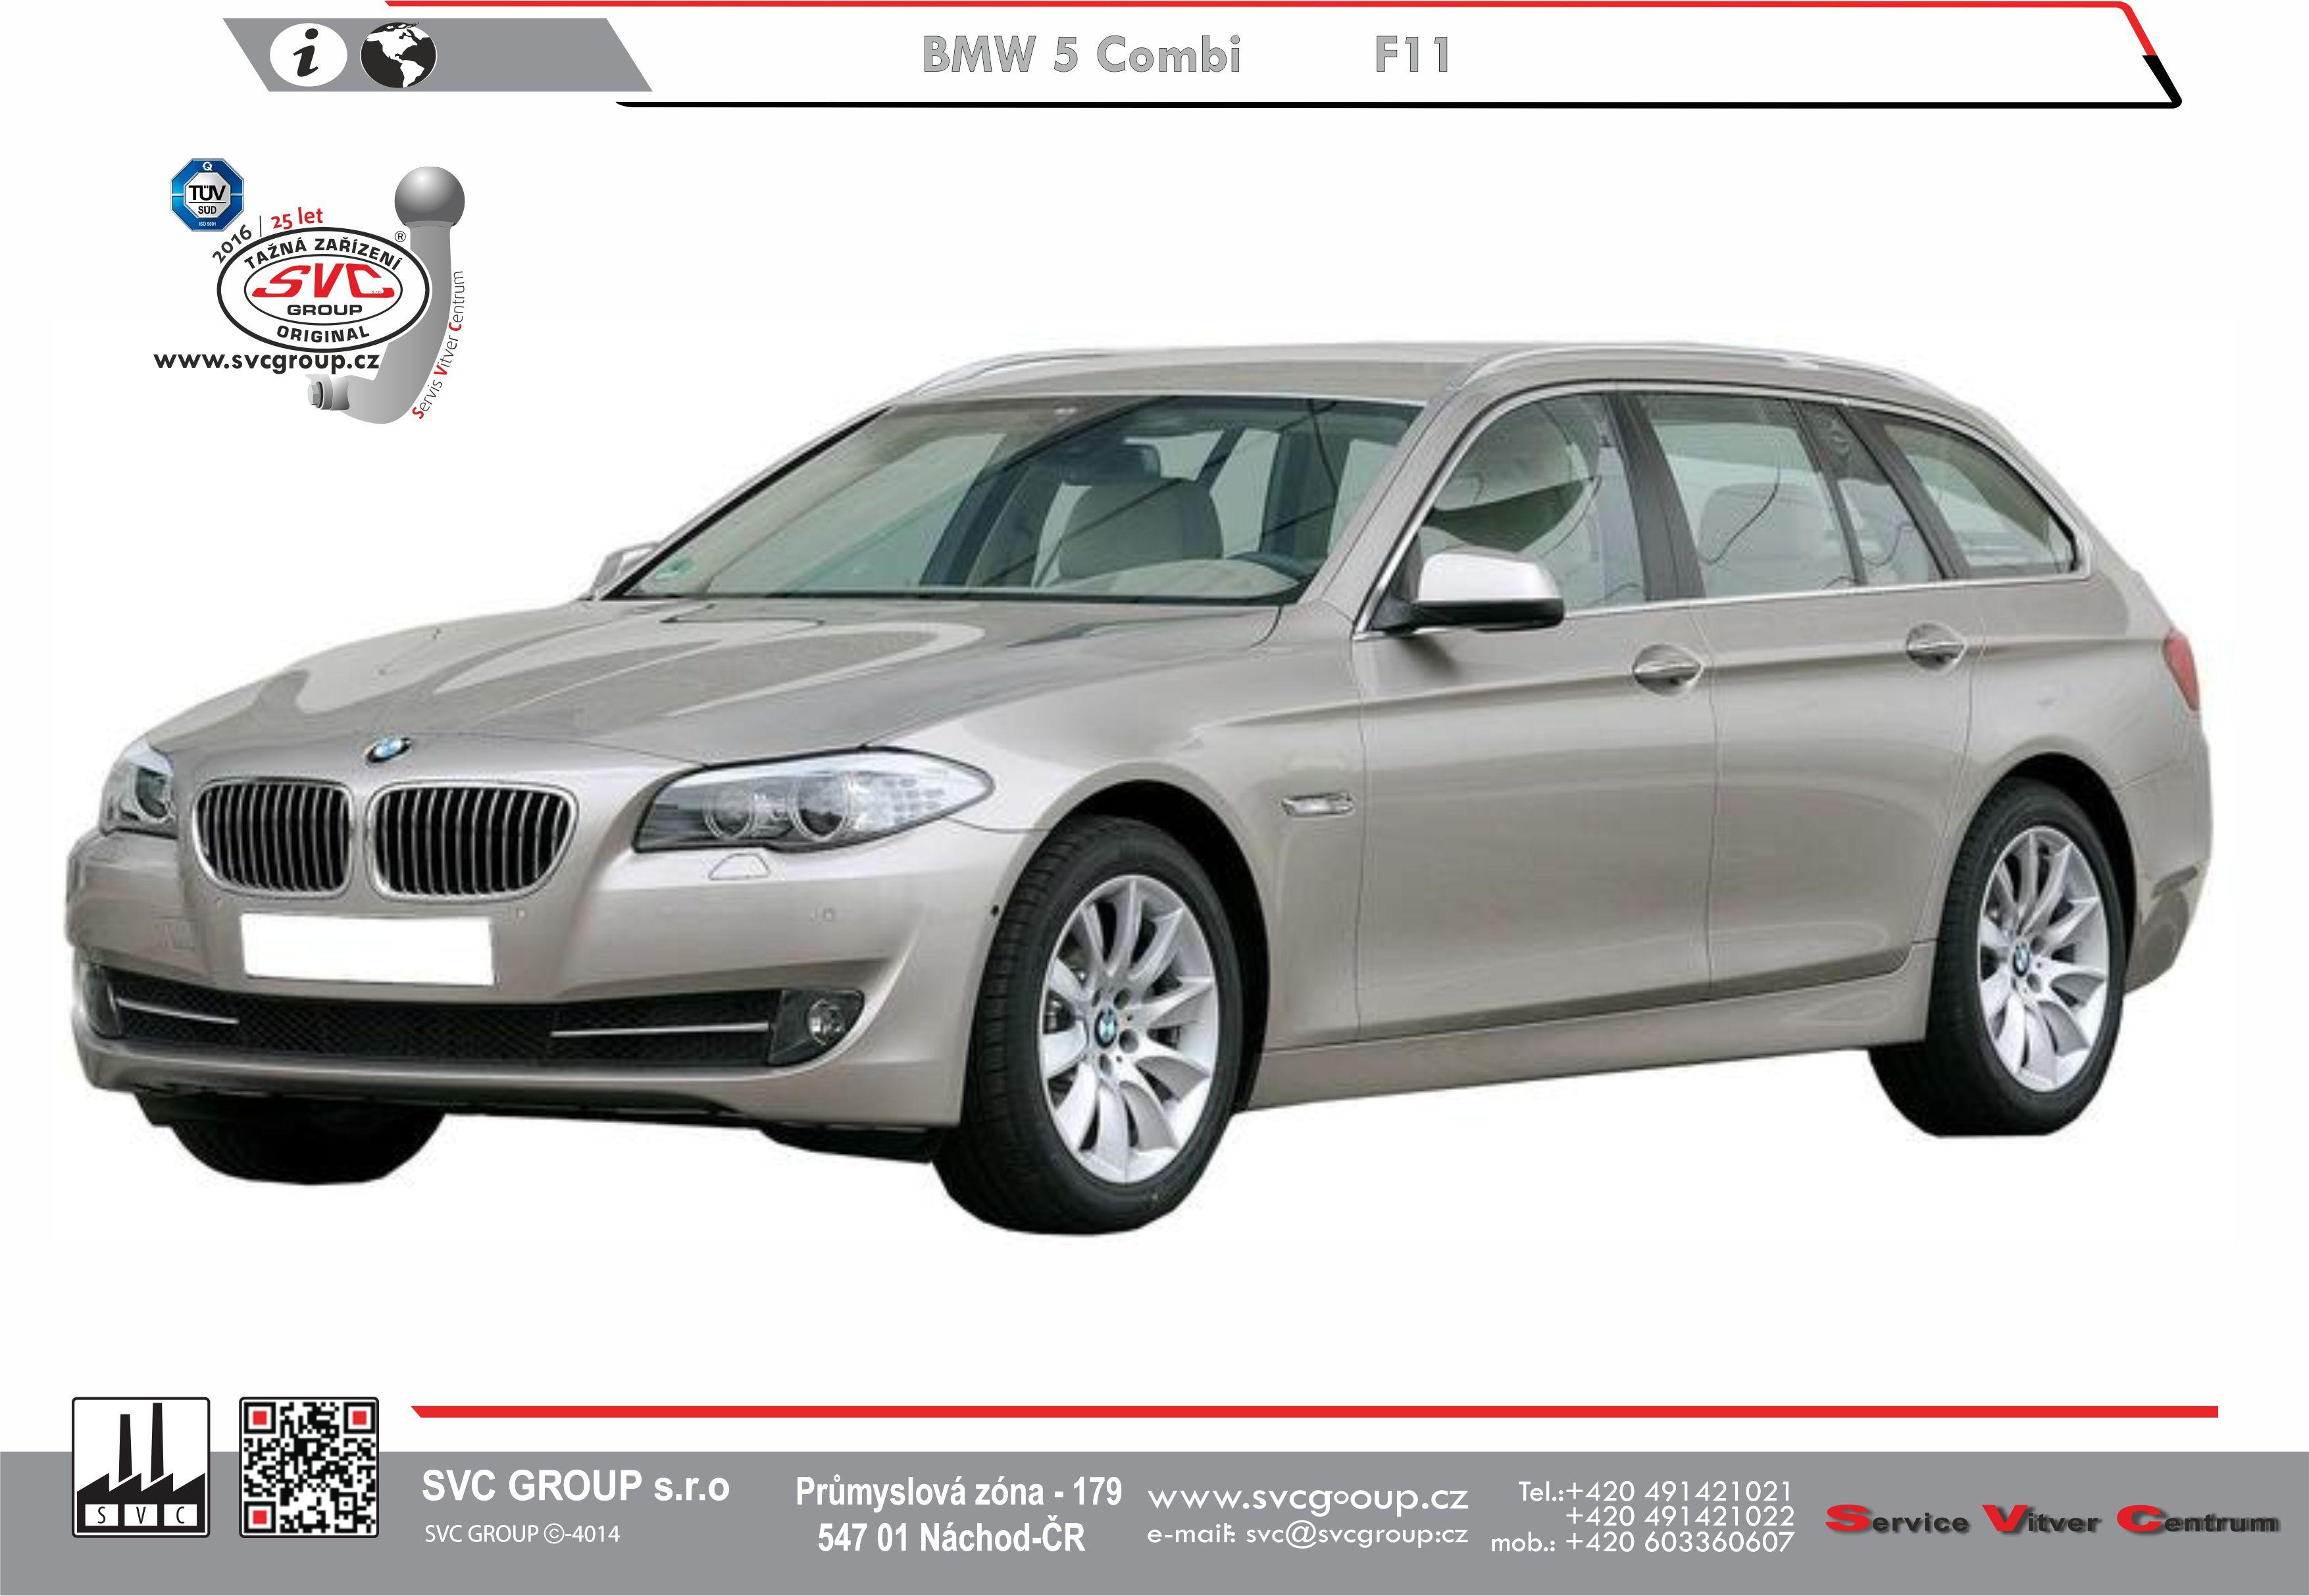 BMW 5 Série Kombi